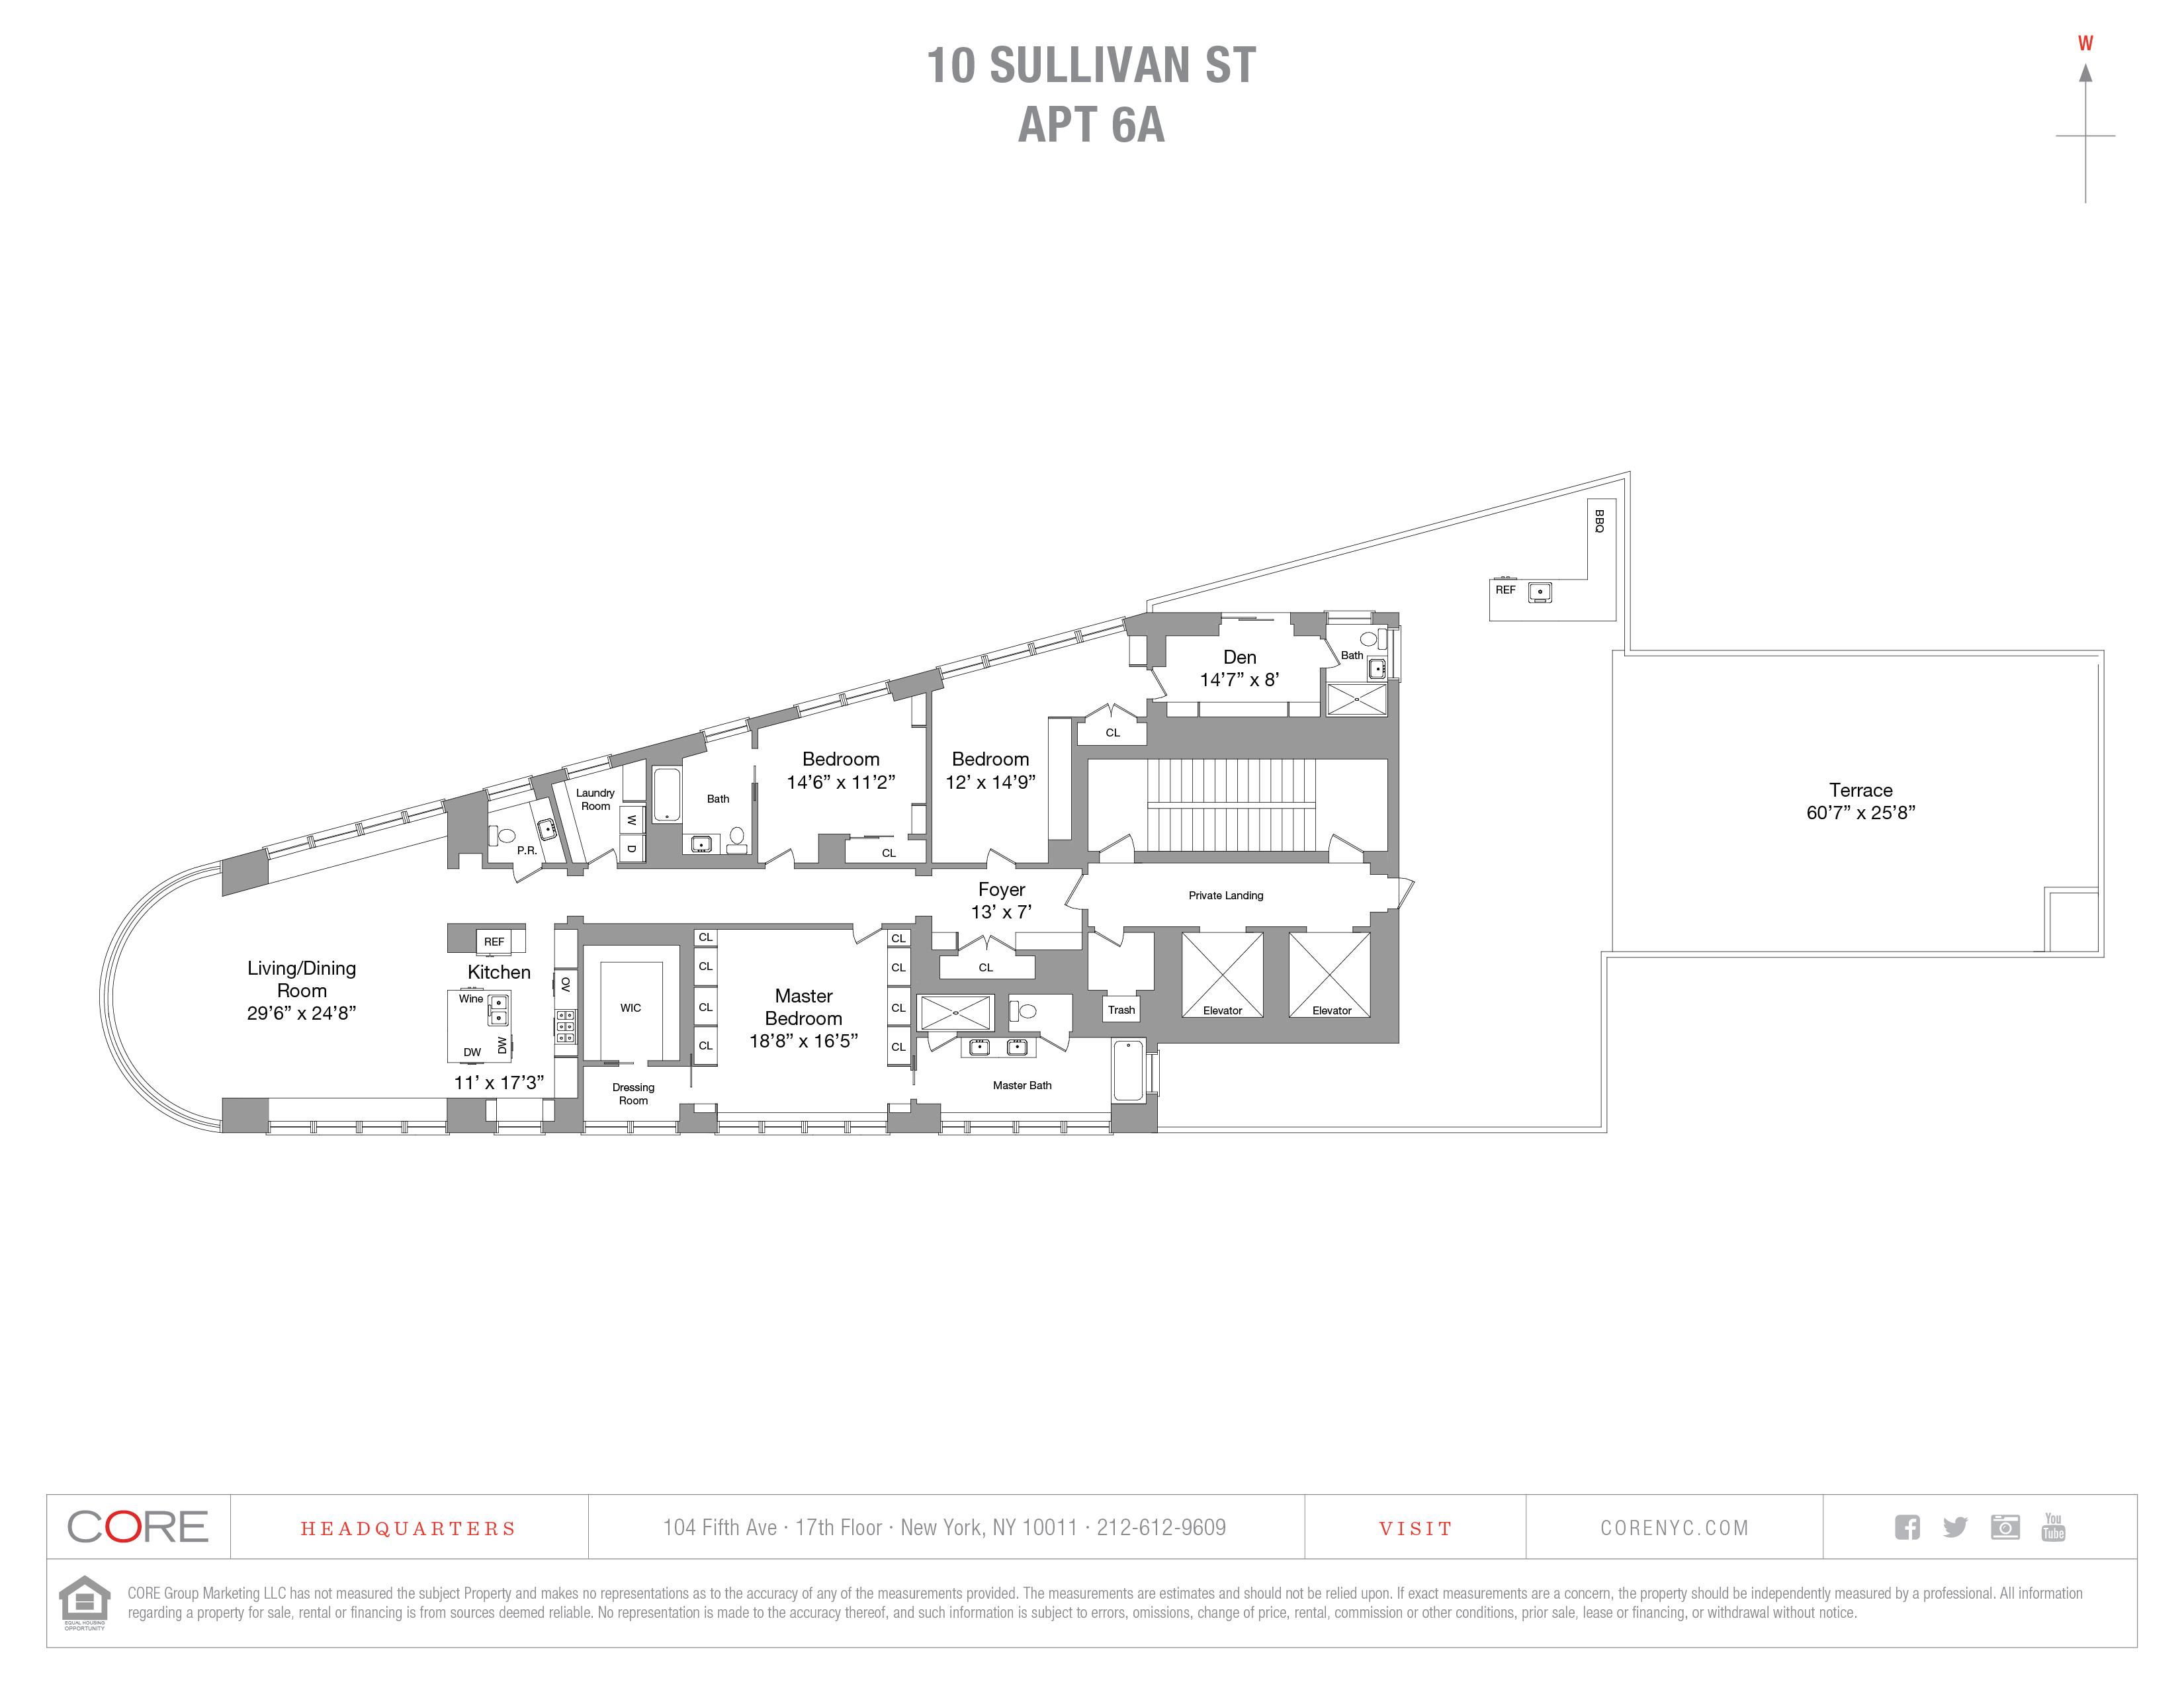 10 Sullivan St. 6A, New York, NY 10013